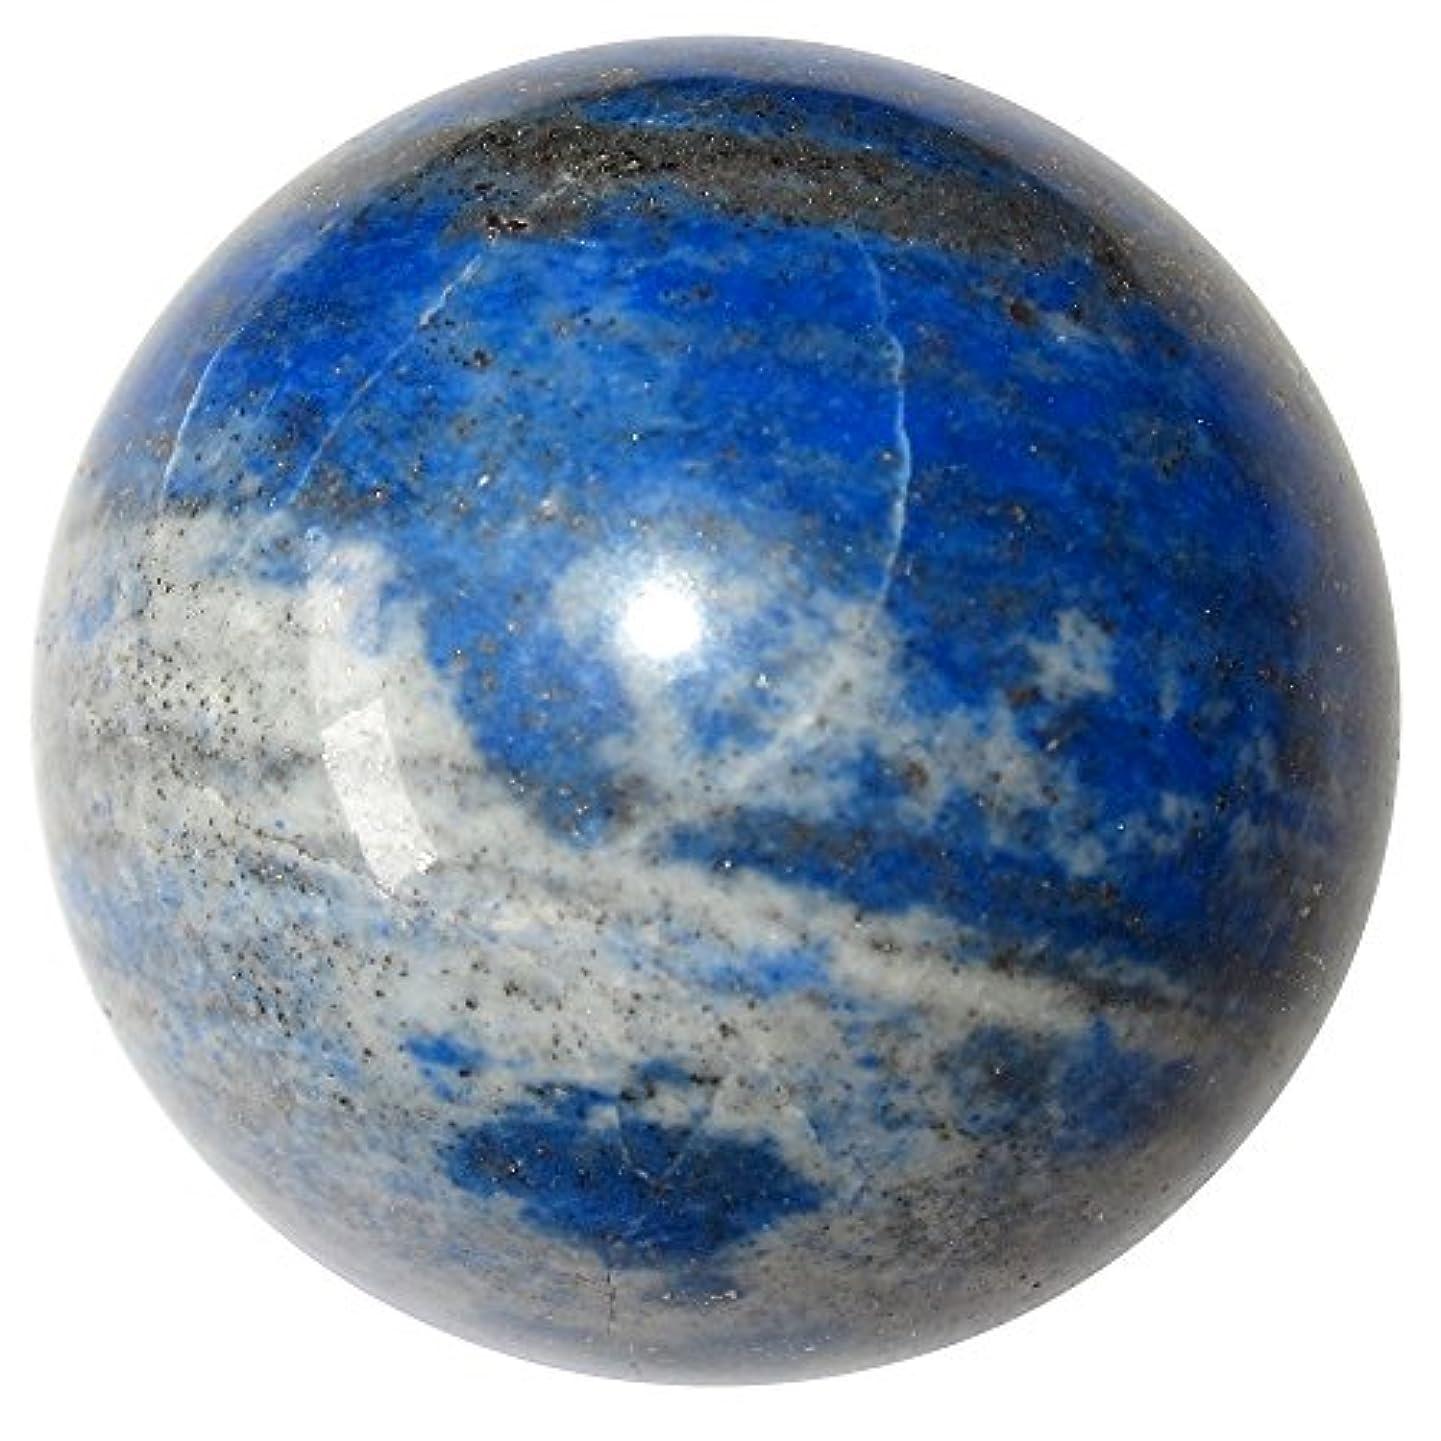 位置づけるヨーロッパ宅配便サテンクリスタルLapisボールプレミアムブルーLazuli Third Eye Chakra直感的なHealing Precious Stone球p03 1.6 Inches ブルー lapisball03-afghanearth...